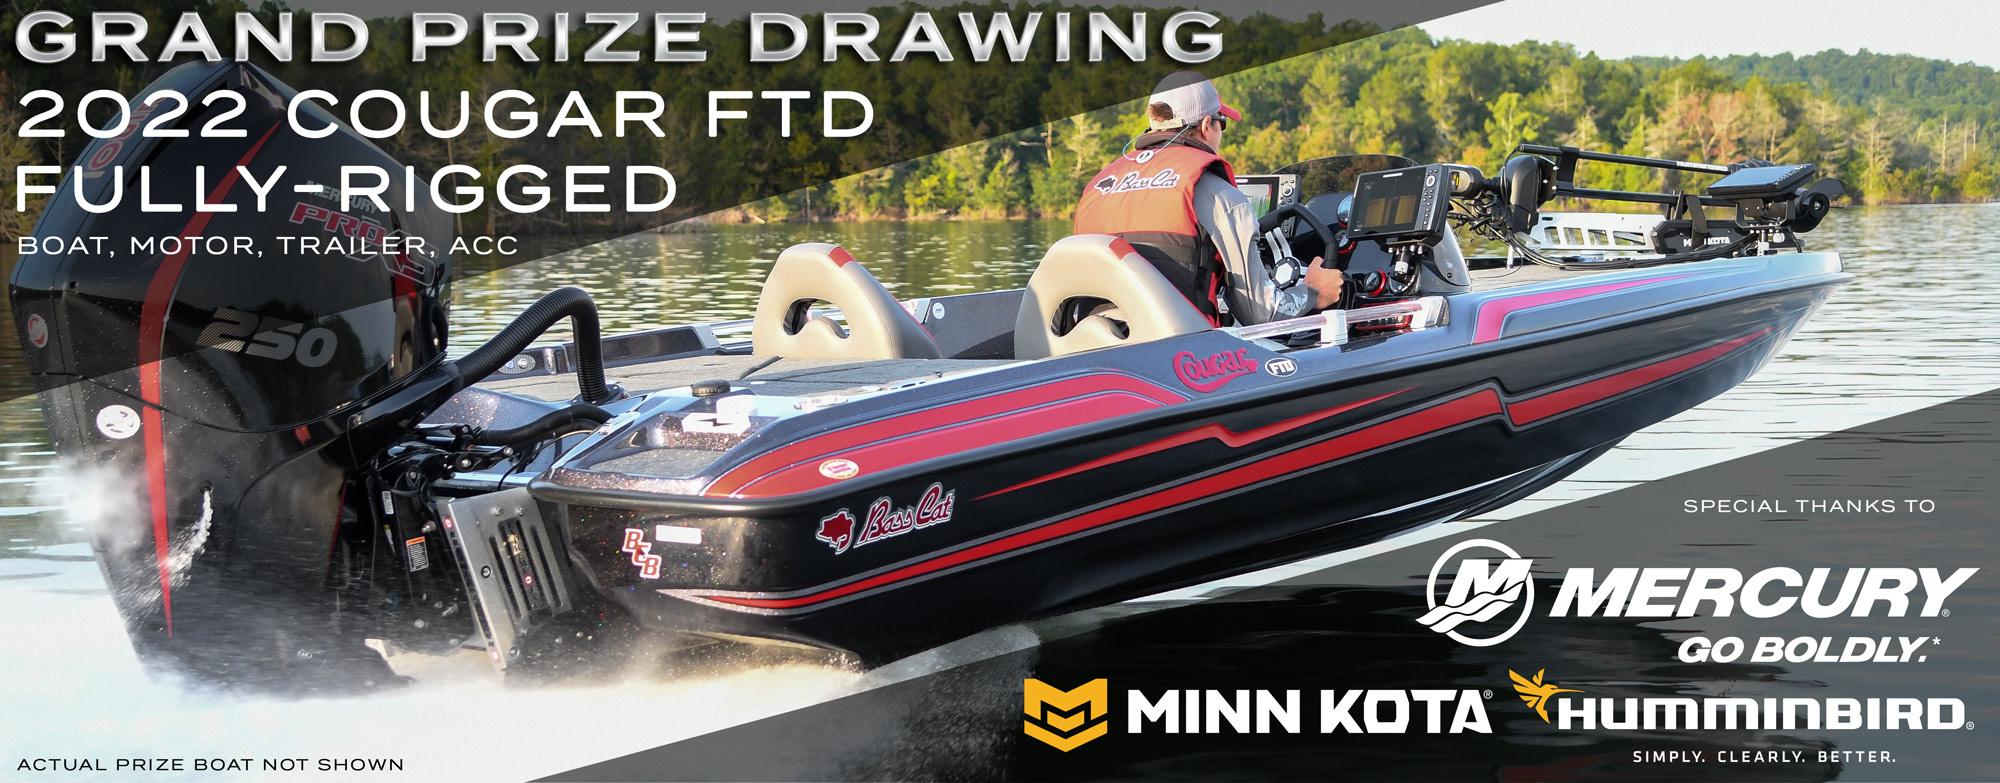 BCB OI Prize Boat Cougar FTD